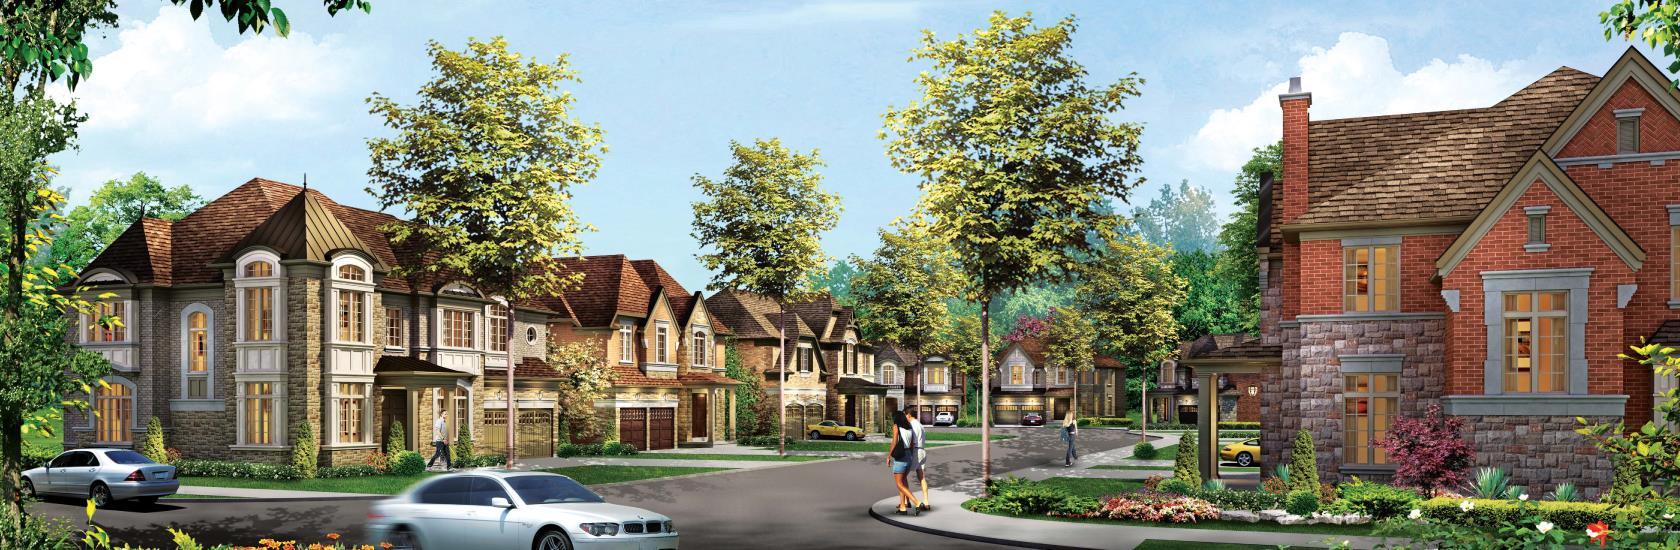 Kenton Park Crown Residences